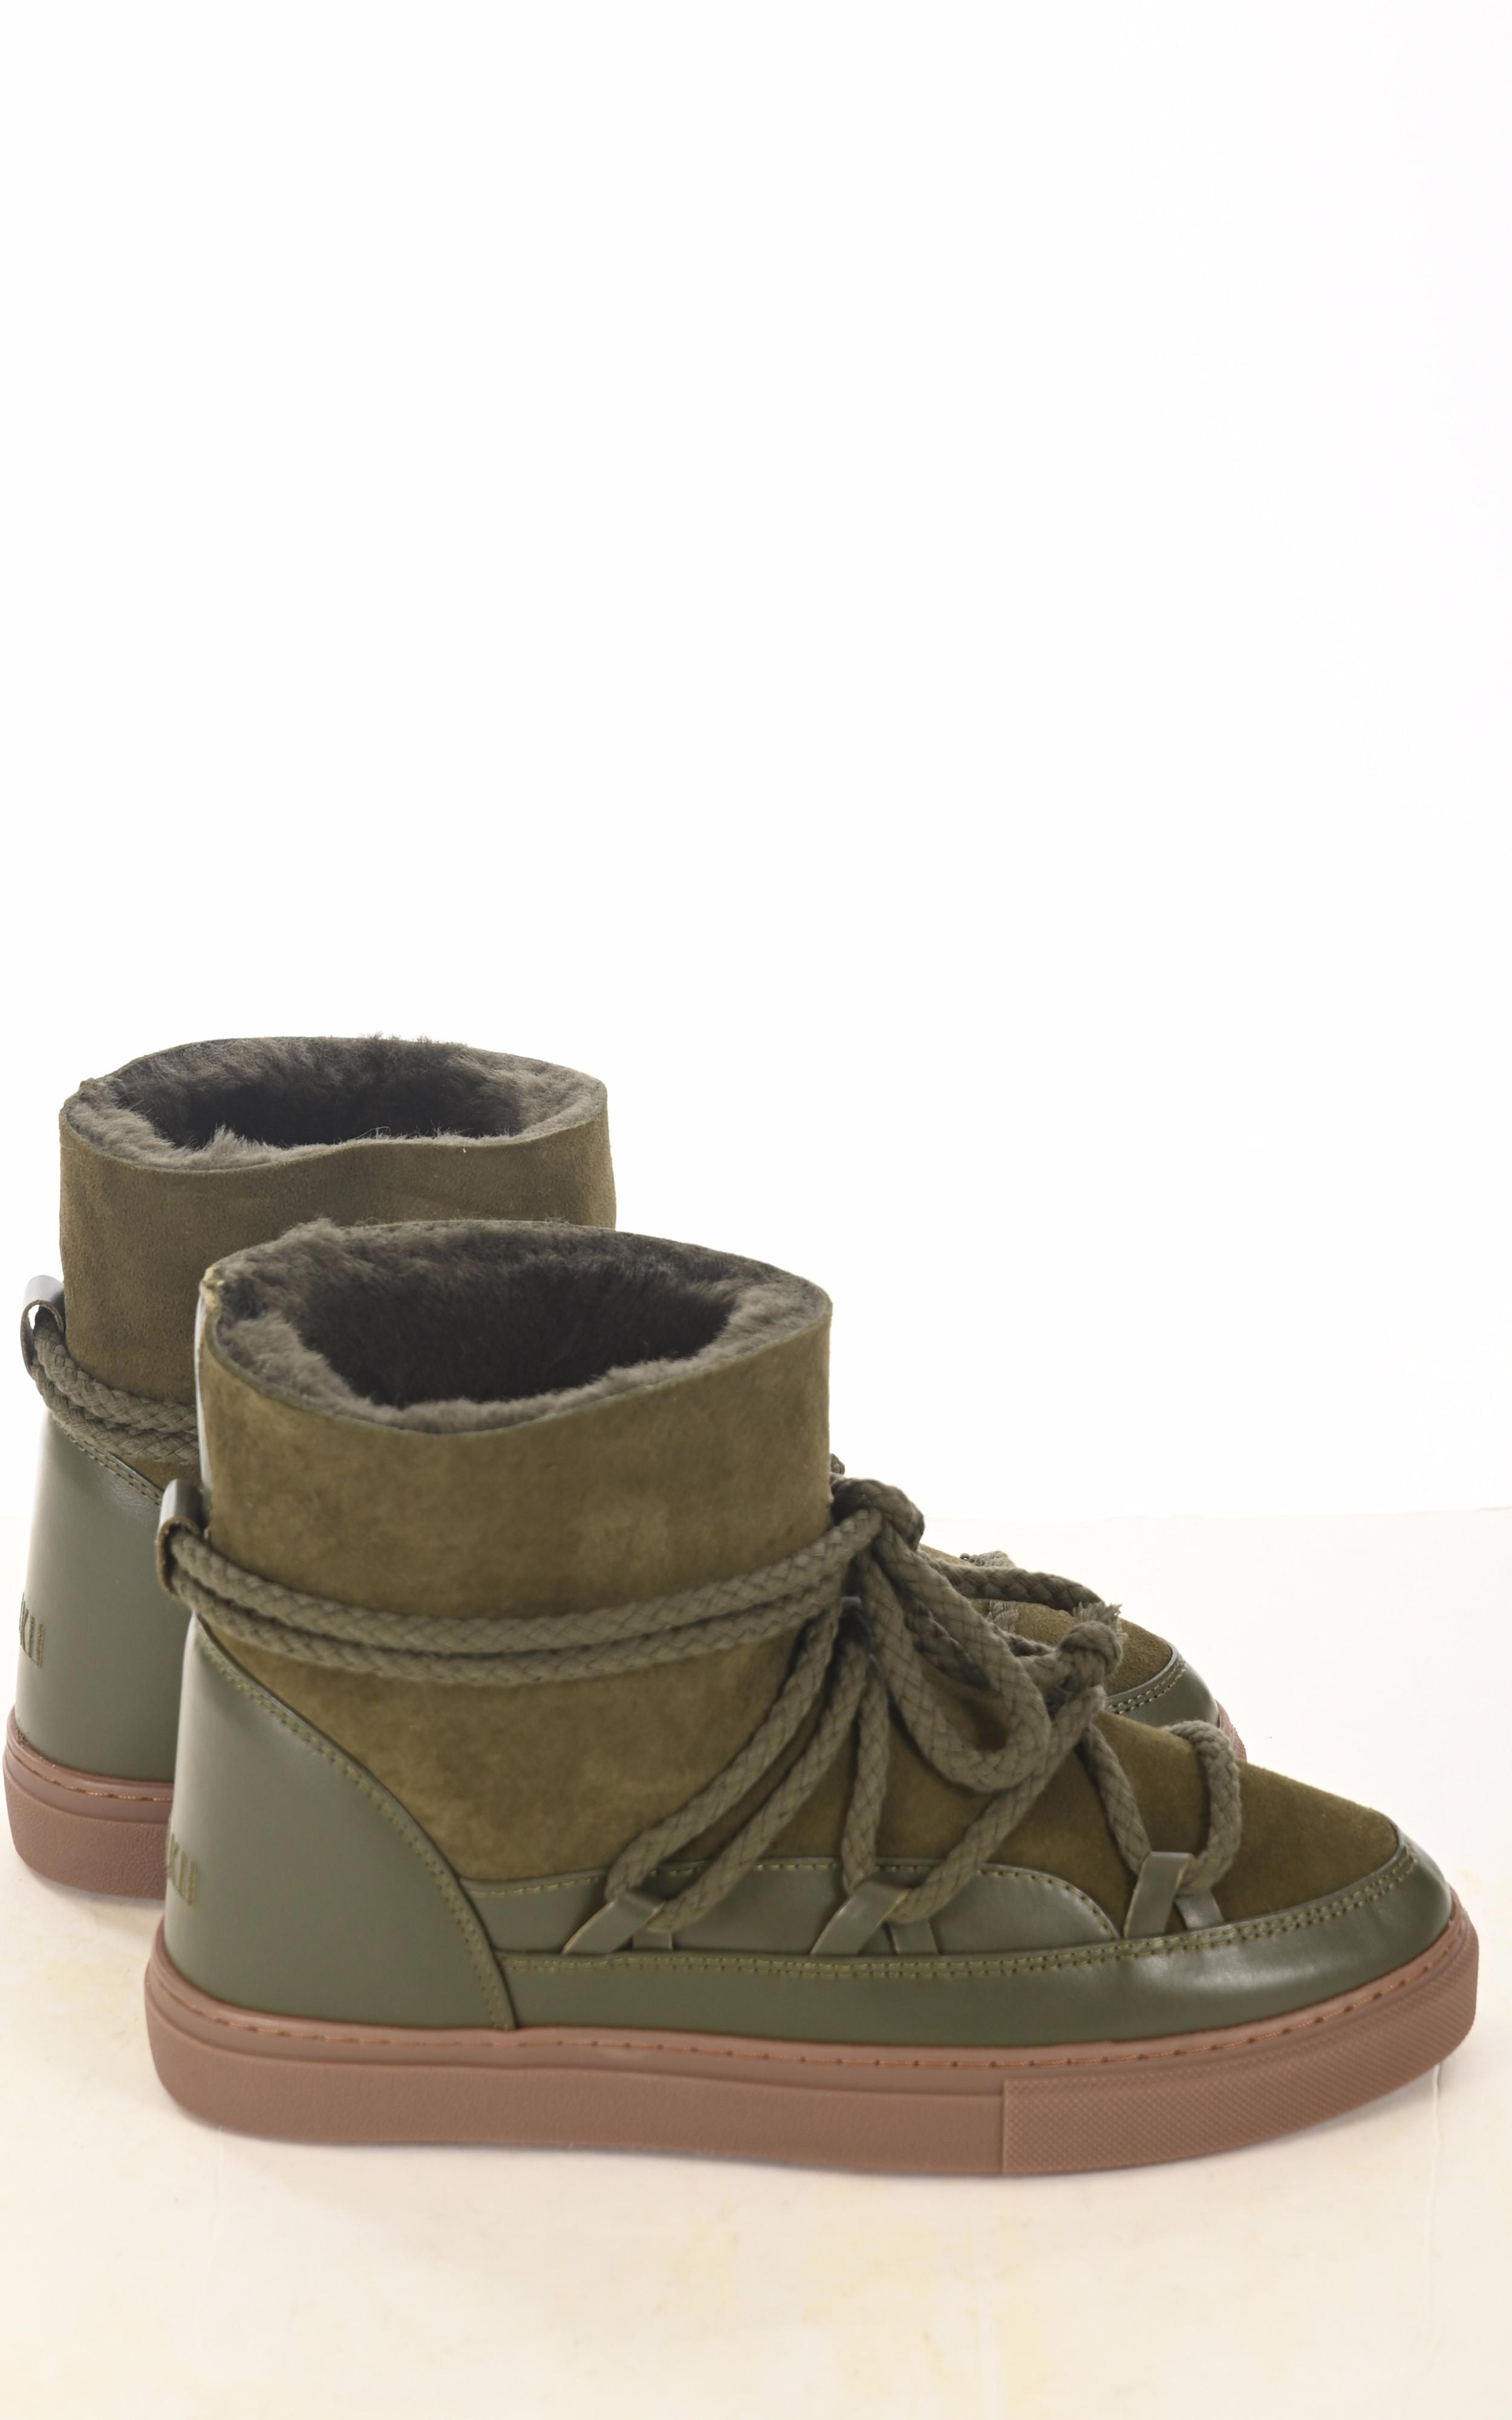 Boots Classic olive Inuikii